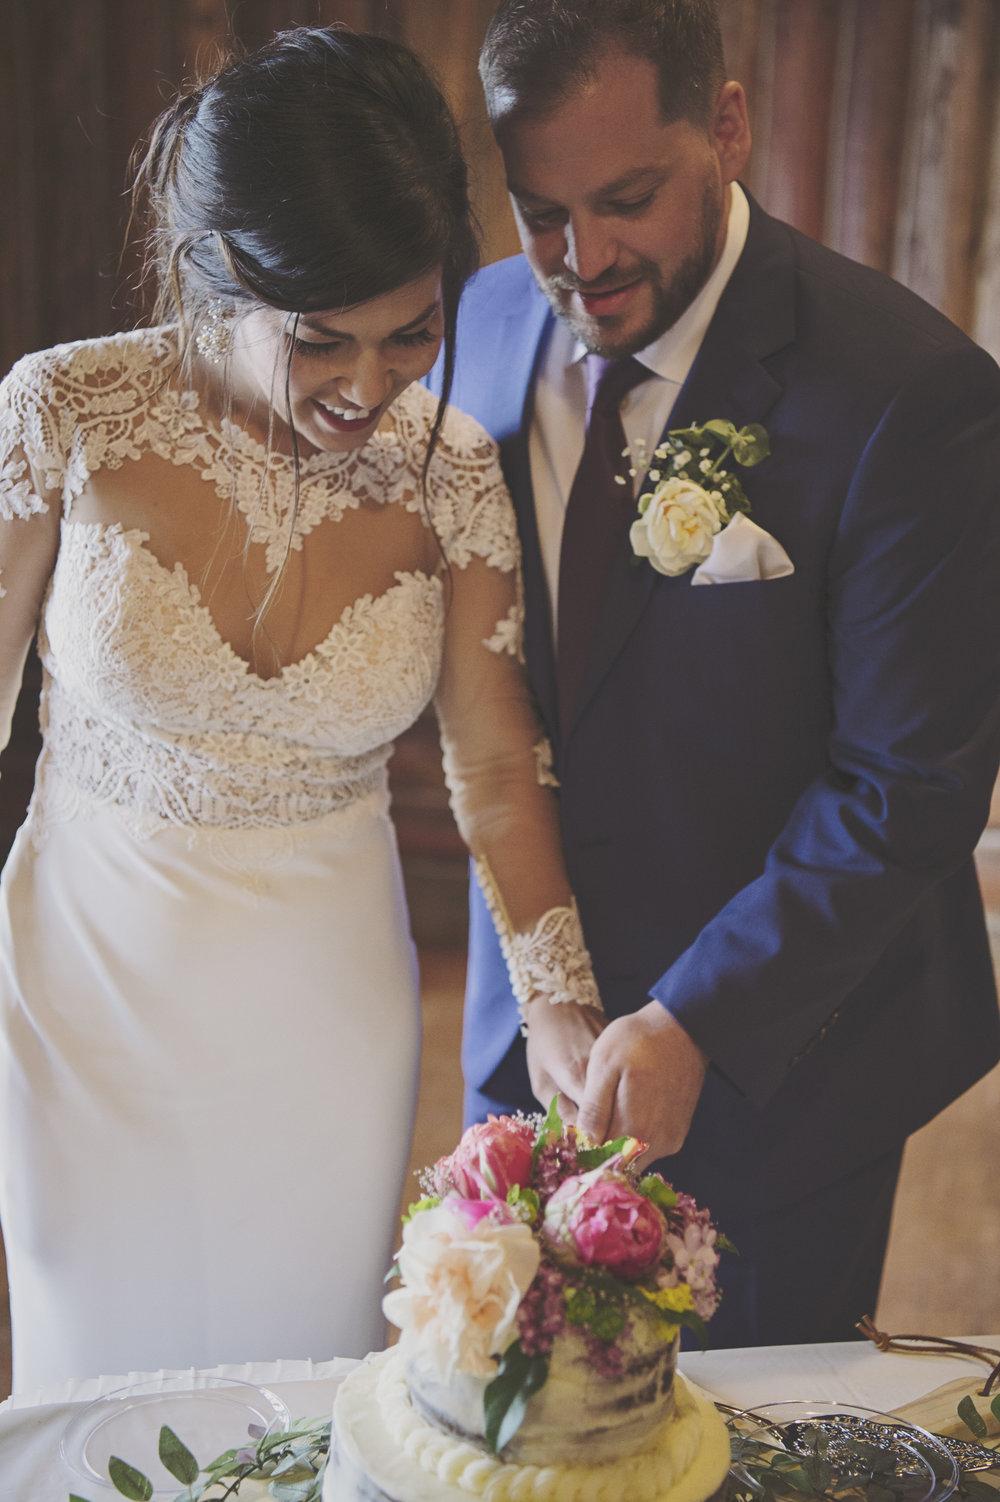 Kim La Plante + Nick Samet_Poulsbo Wedding_Kitsap Memorial Park Wedding_Kelsey Lane Photography-9879 copy.jpg